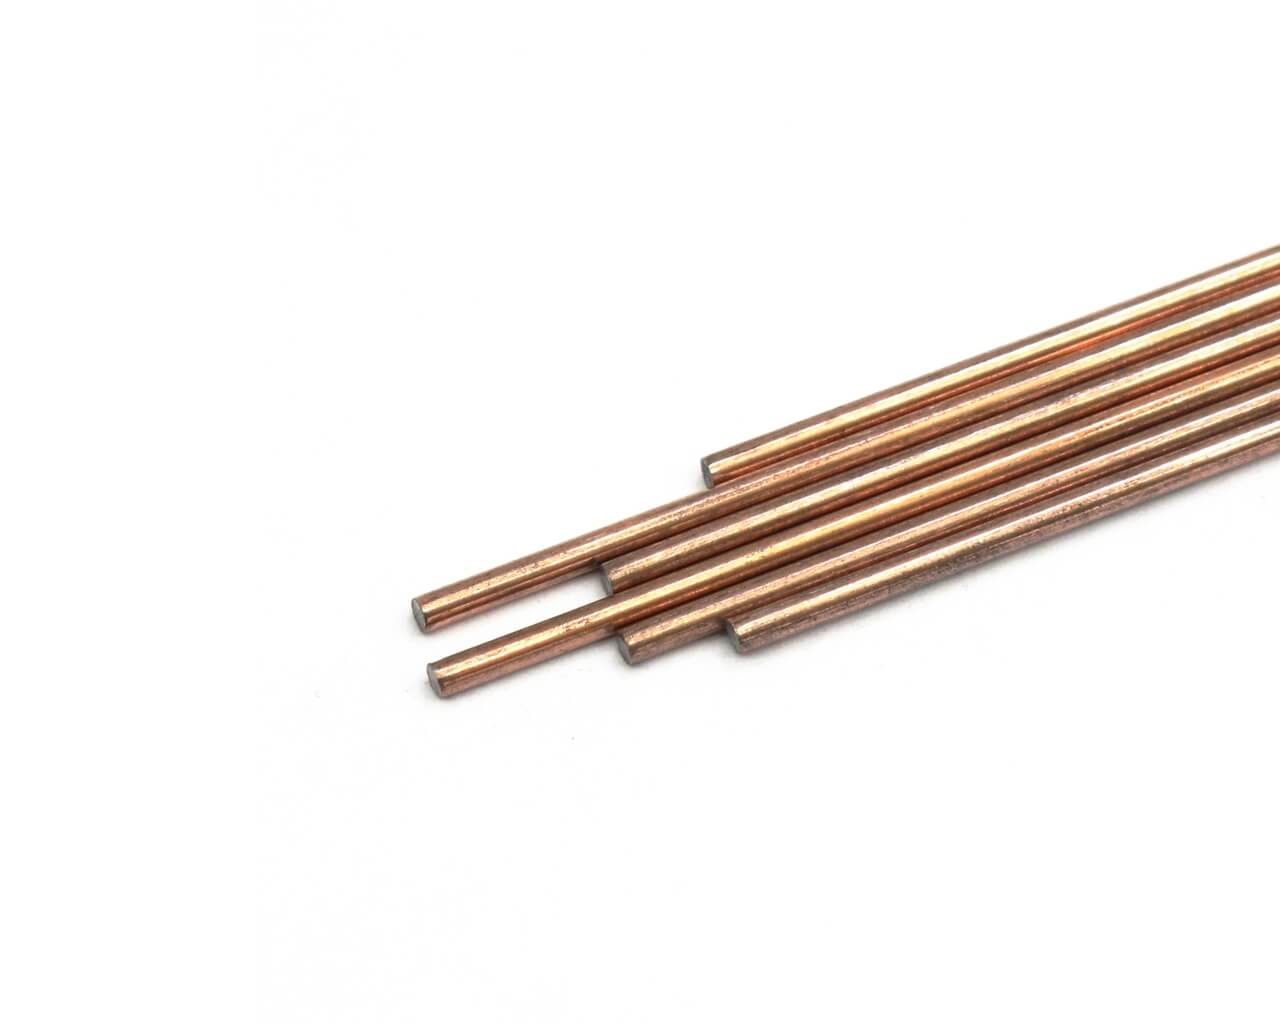 WIG-Schweißstäbe 1.5125 SG 2 2.4x1000mm / 2.5kg-Pack